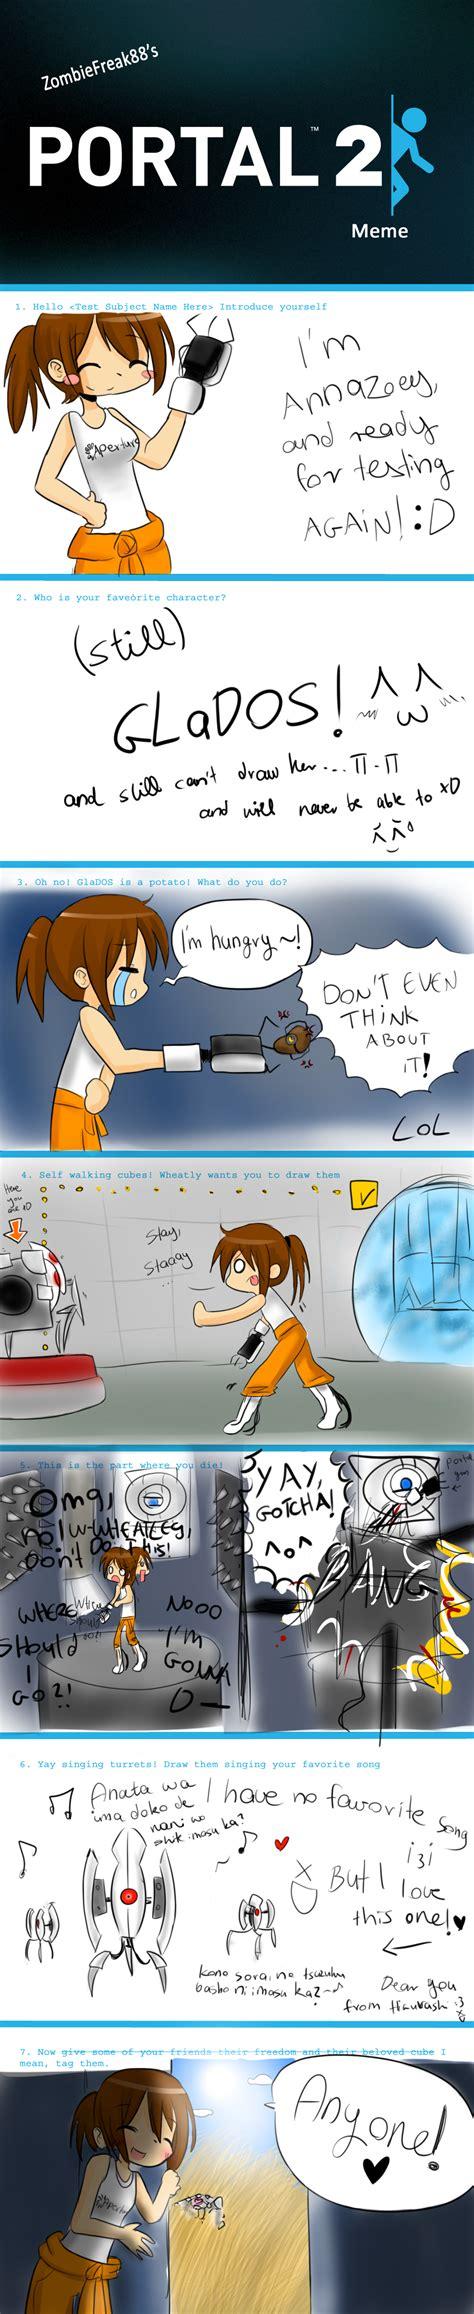 Portal 2 Meme By Anzu0